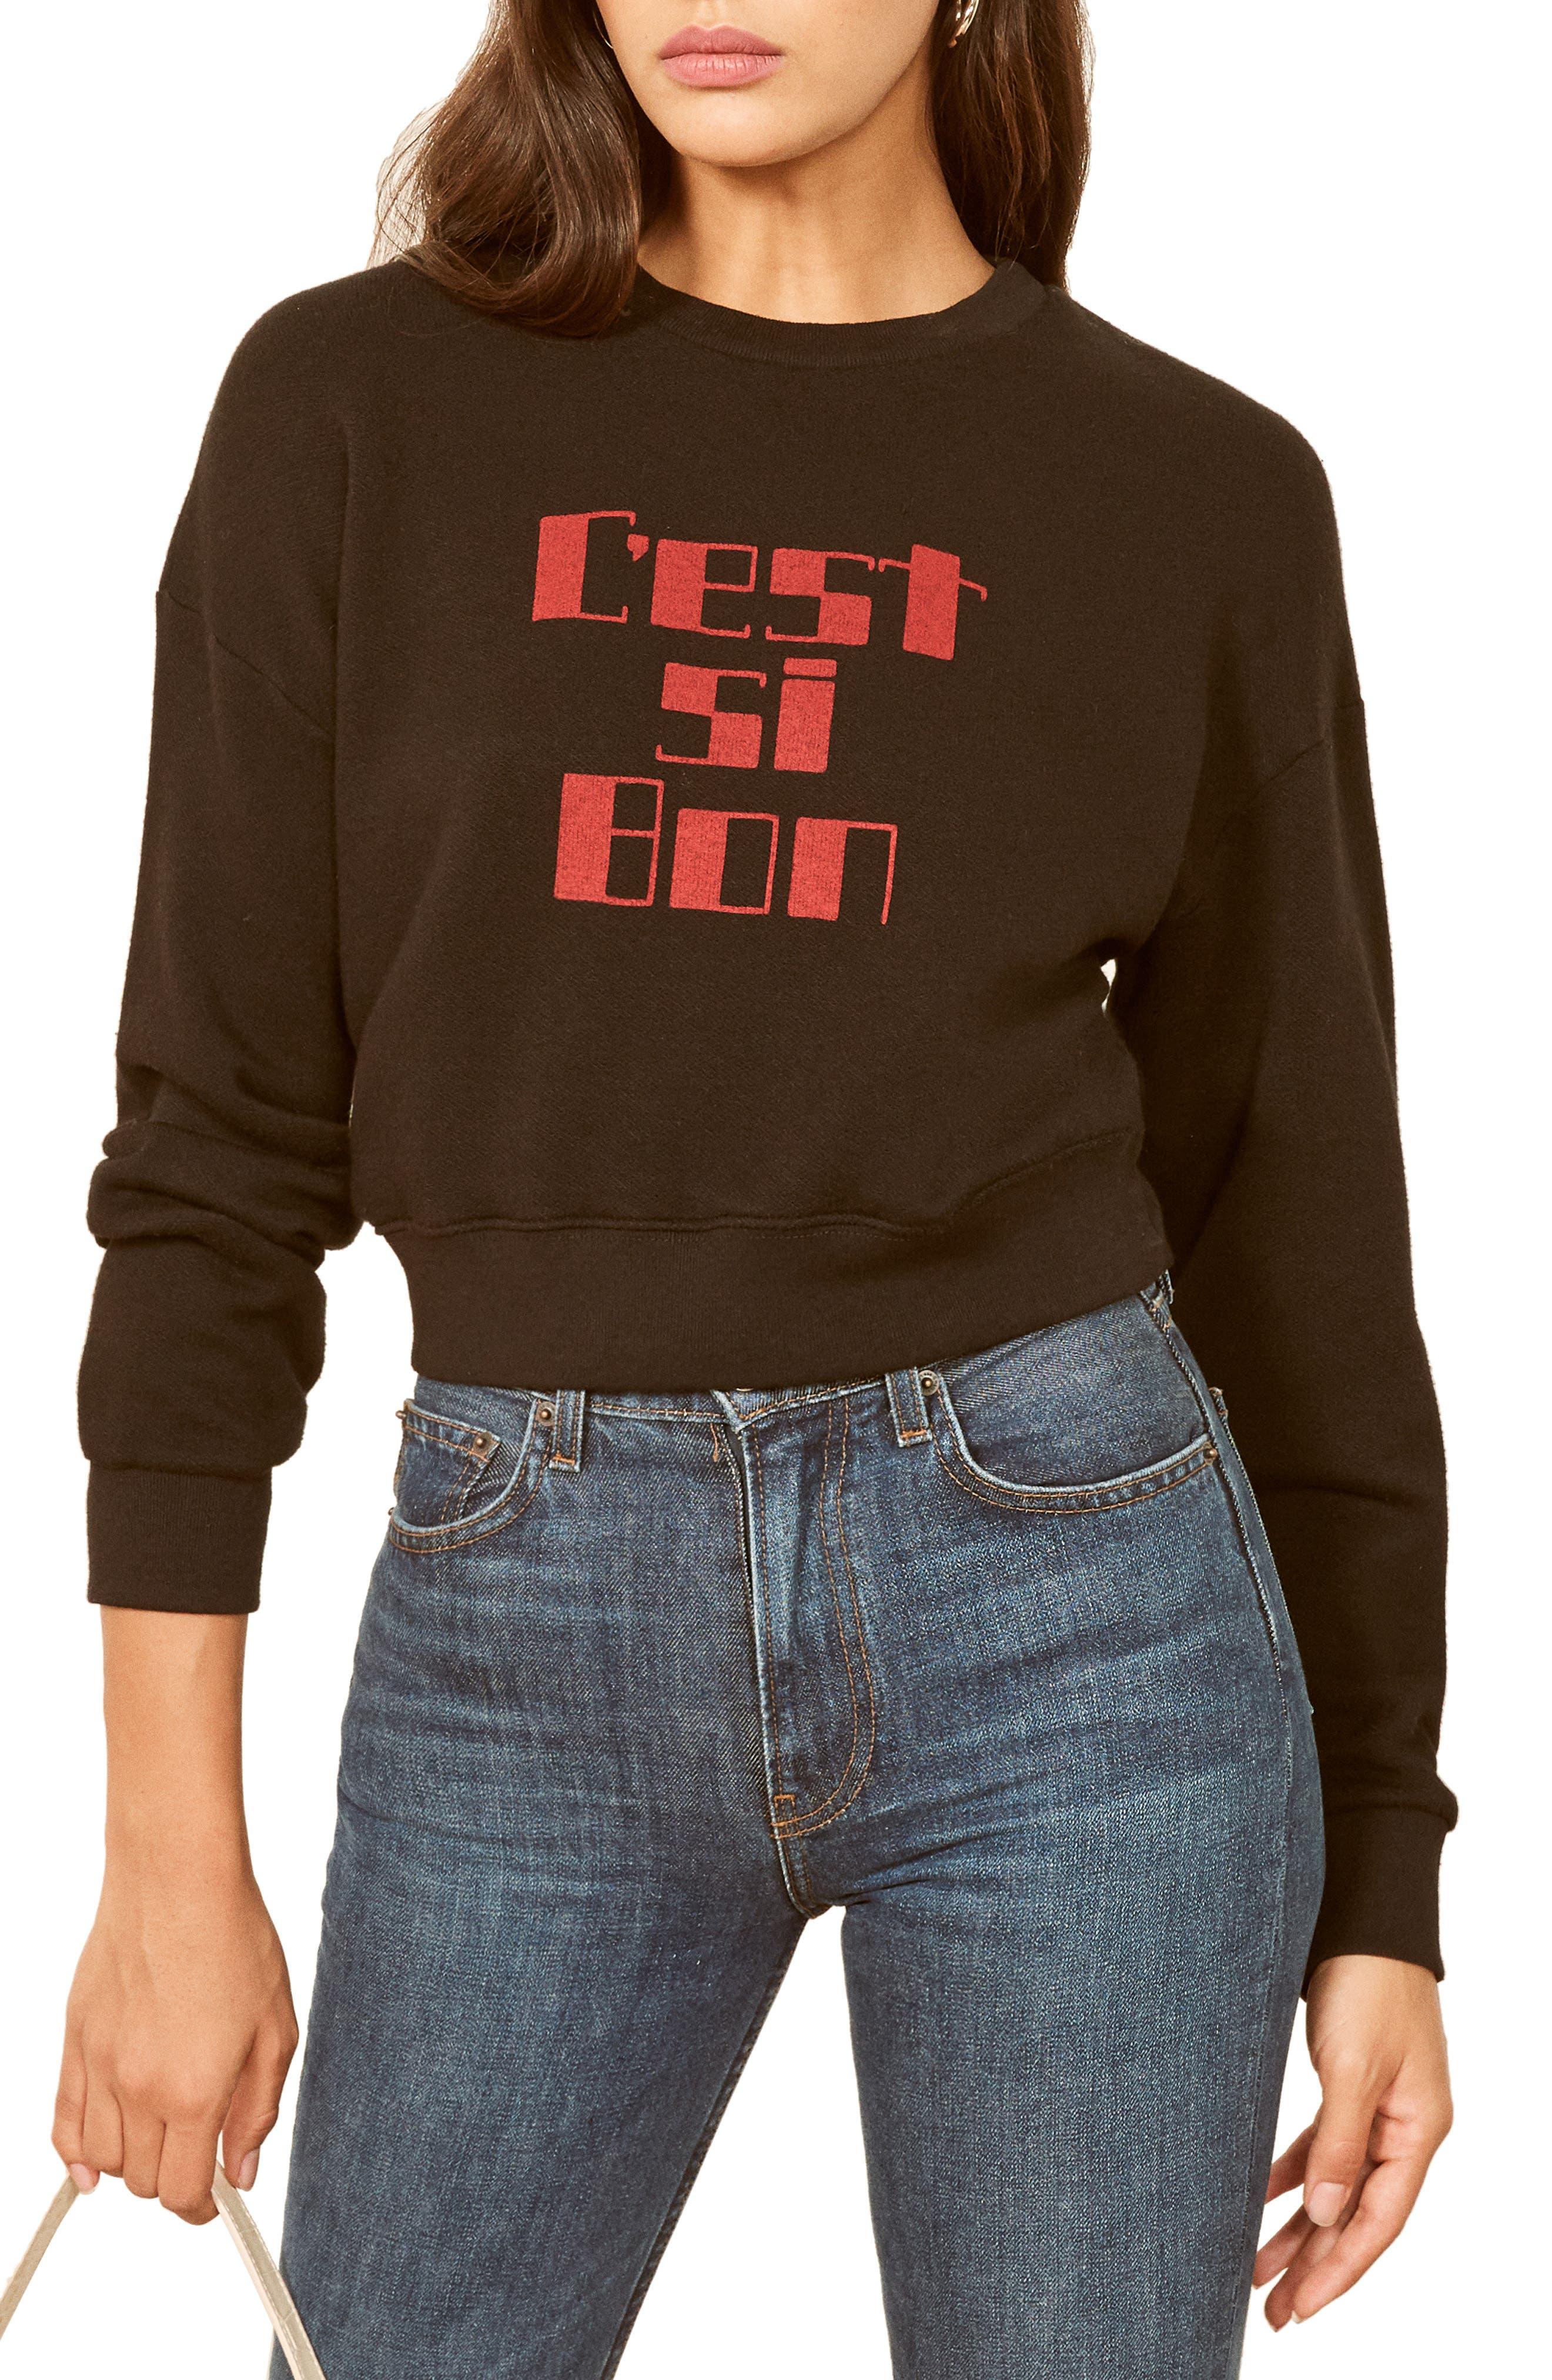 REFORMATION, Hunter Sweatshirt, Main thumbnail 1, color, BLACK CEST BON